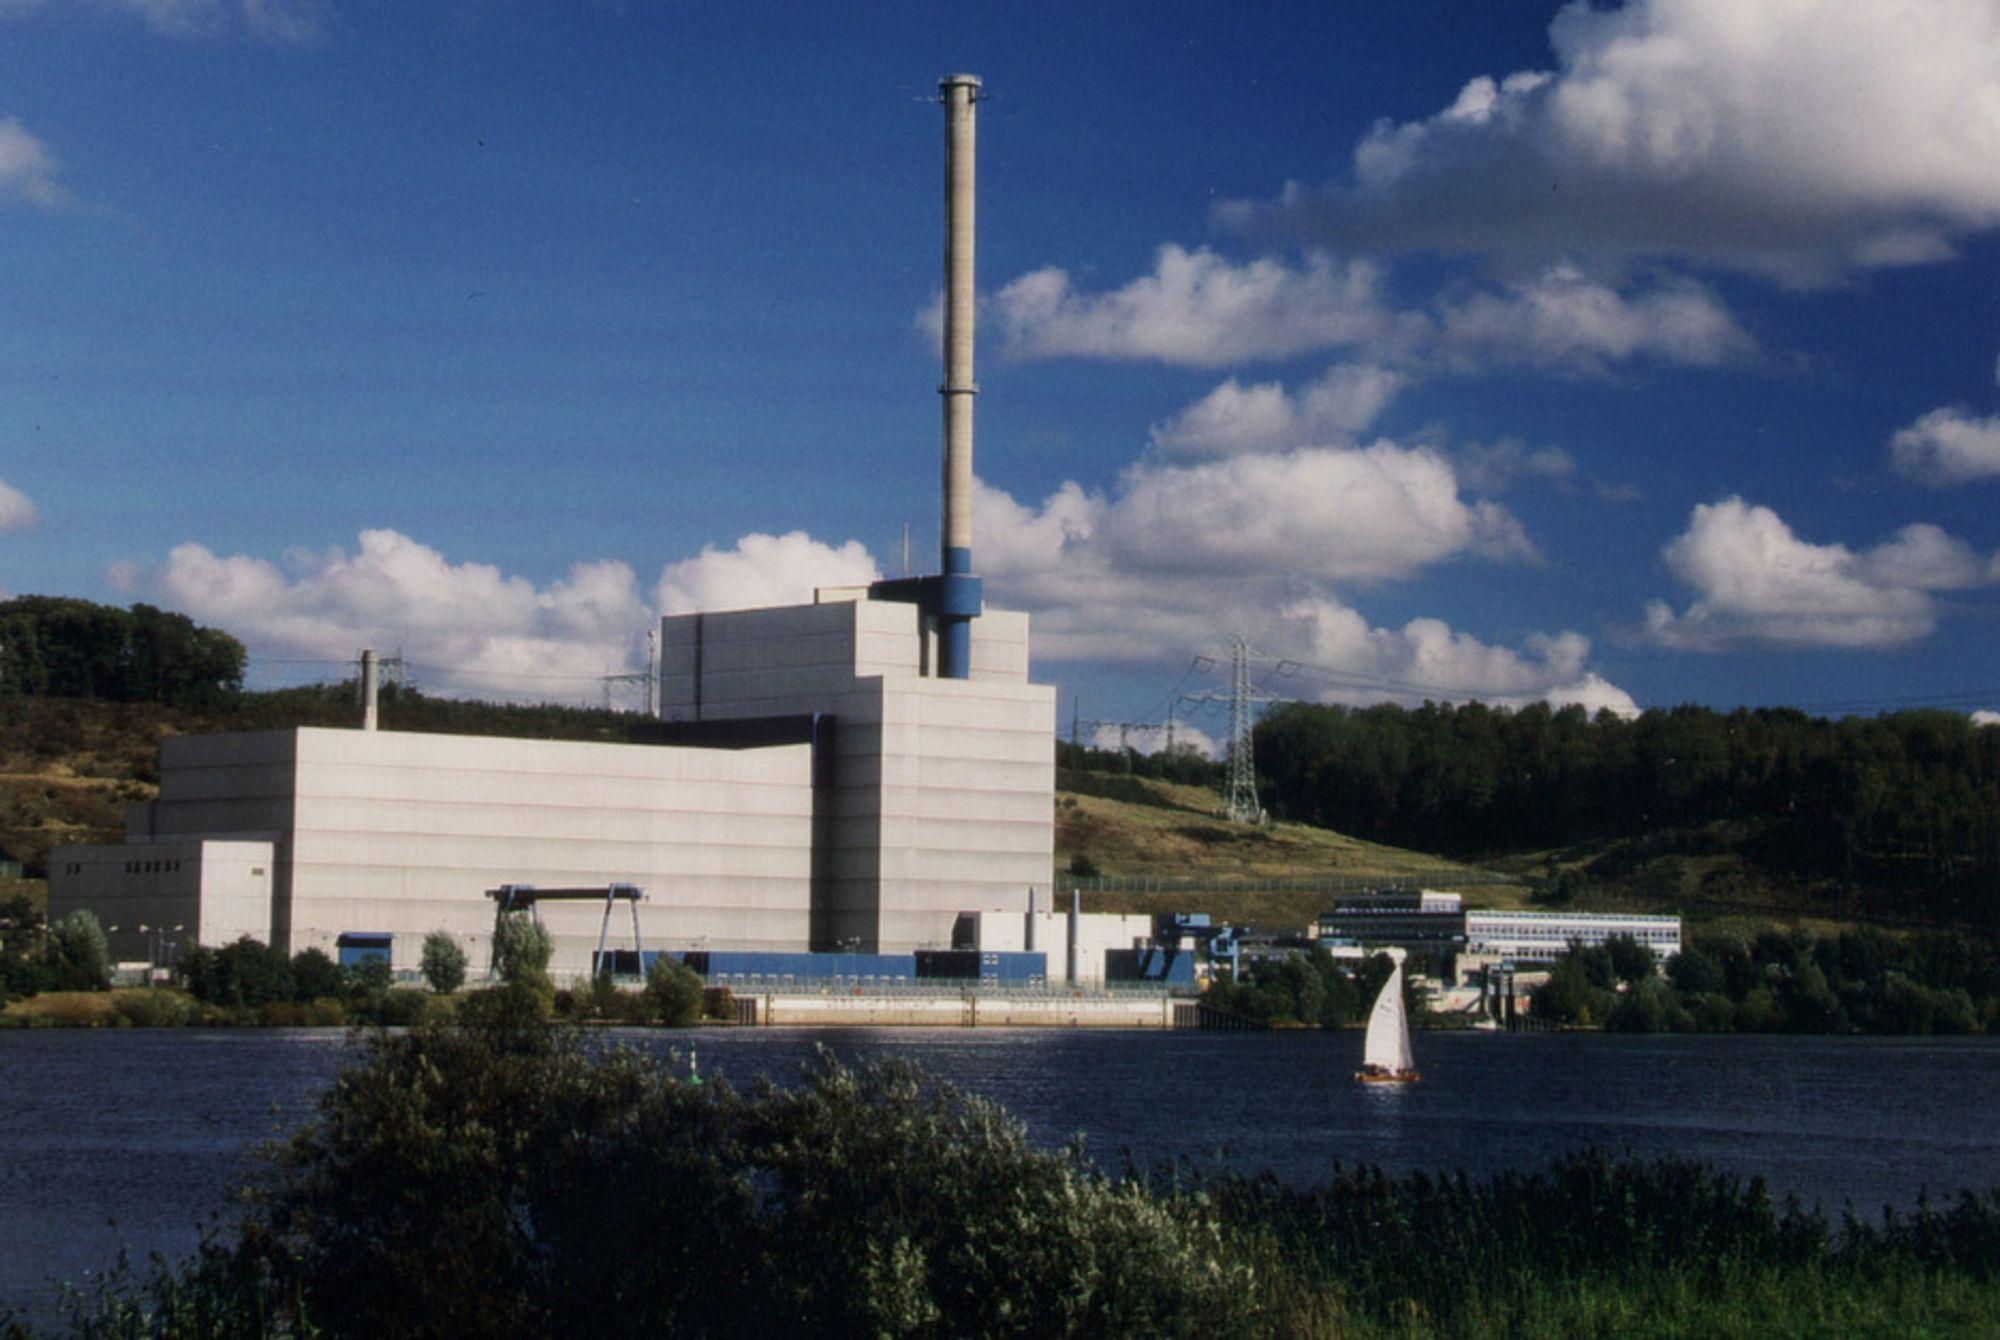 UNØDVENDIG:  Kraftoverskuddet vil gjøre bygging av nye gass- og atomkraftverk unødvendig, ifølge en langtidsprognose fra Markedskraft. Illustrasjonsbilde.